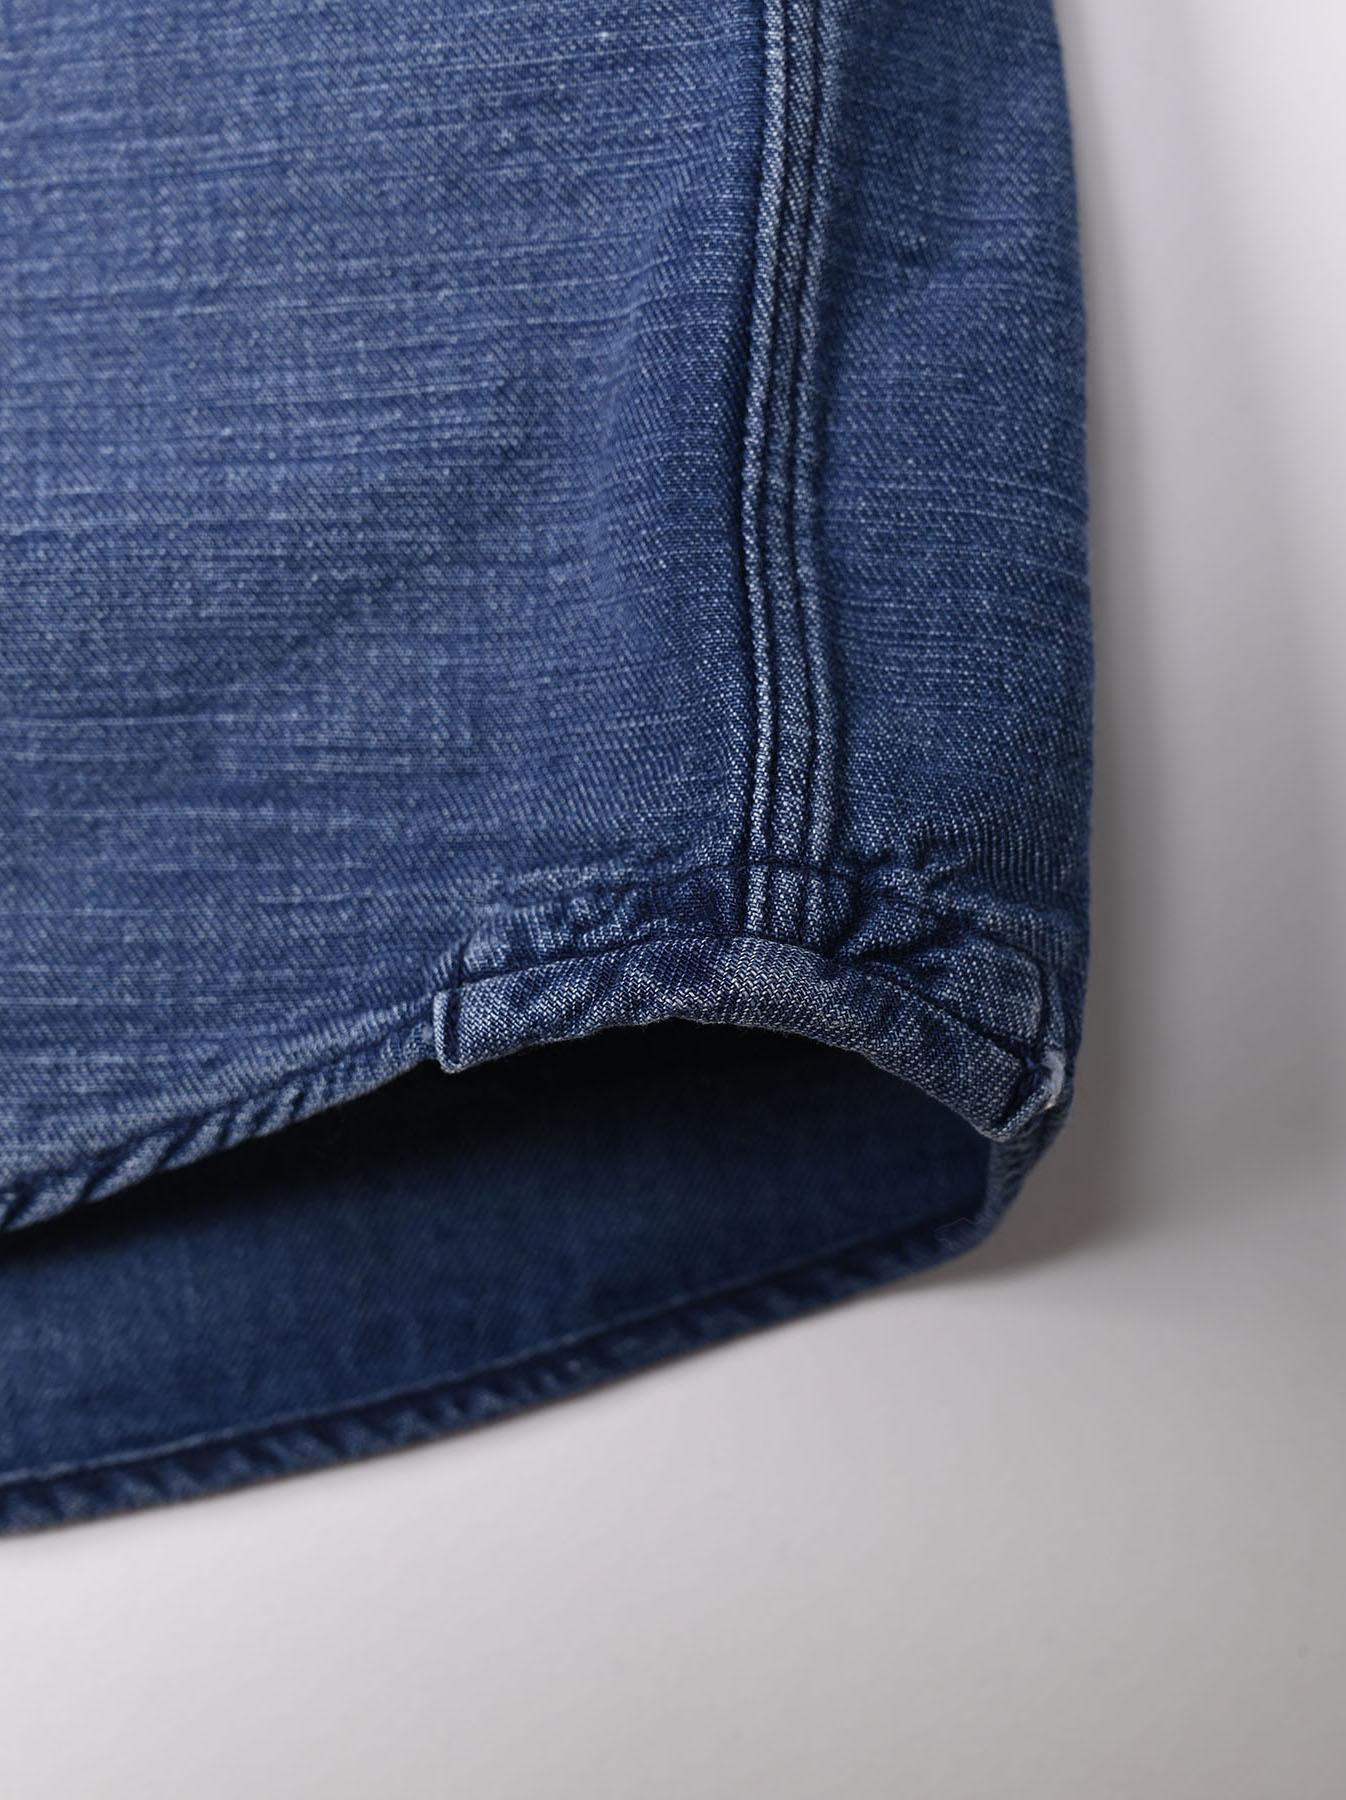 Goma Denim Ocean Button Down Shirt-12